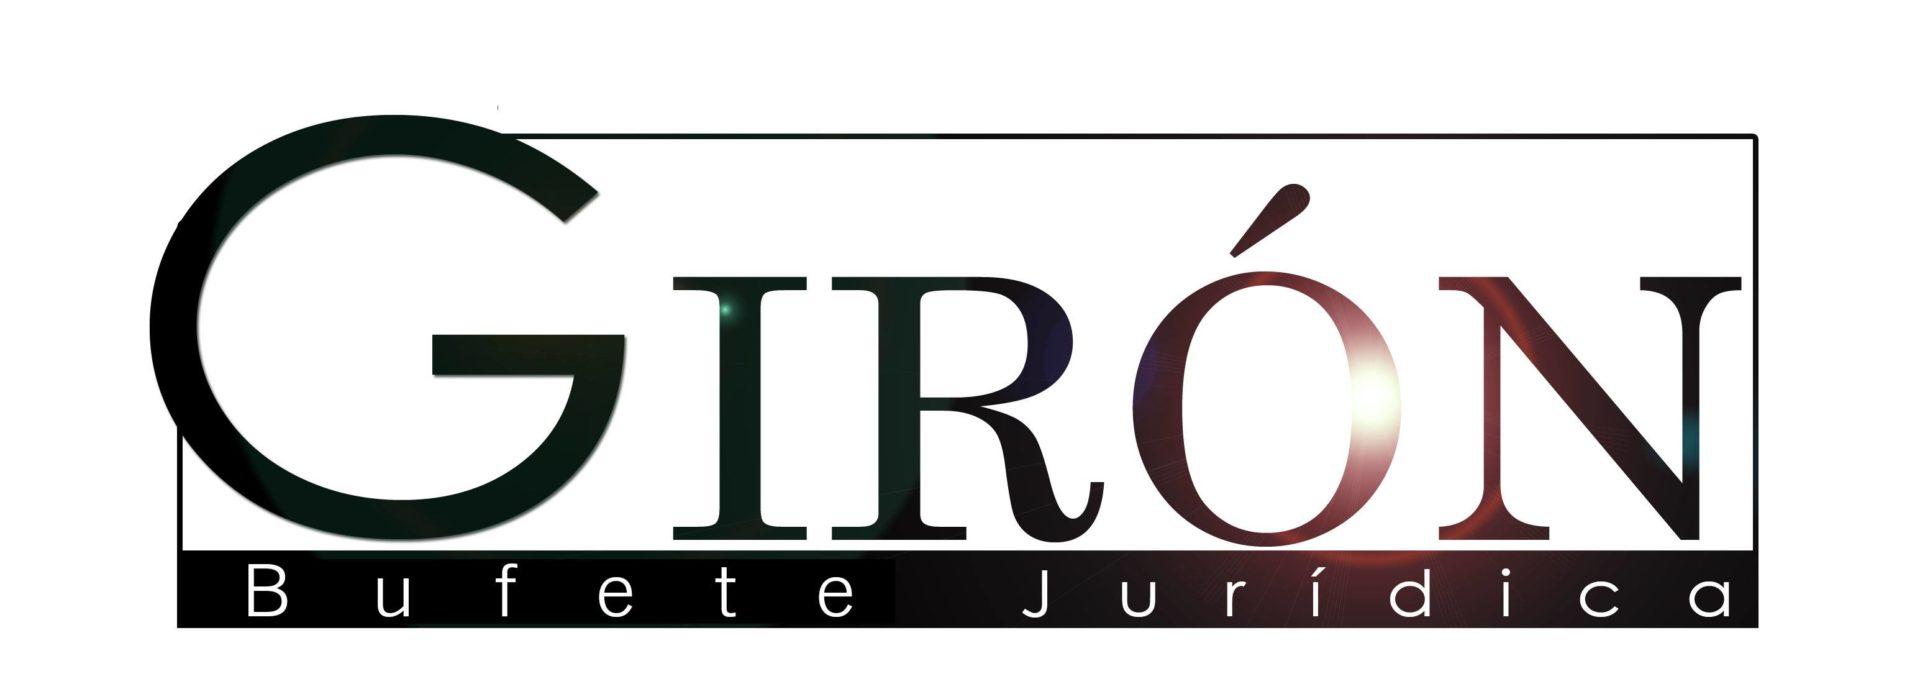 Bufete Jurídico Giron